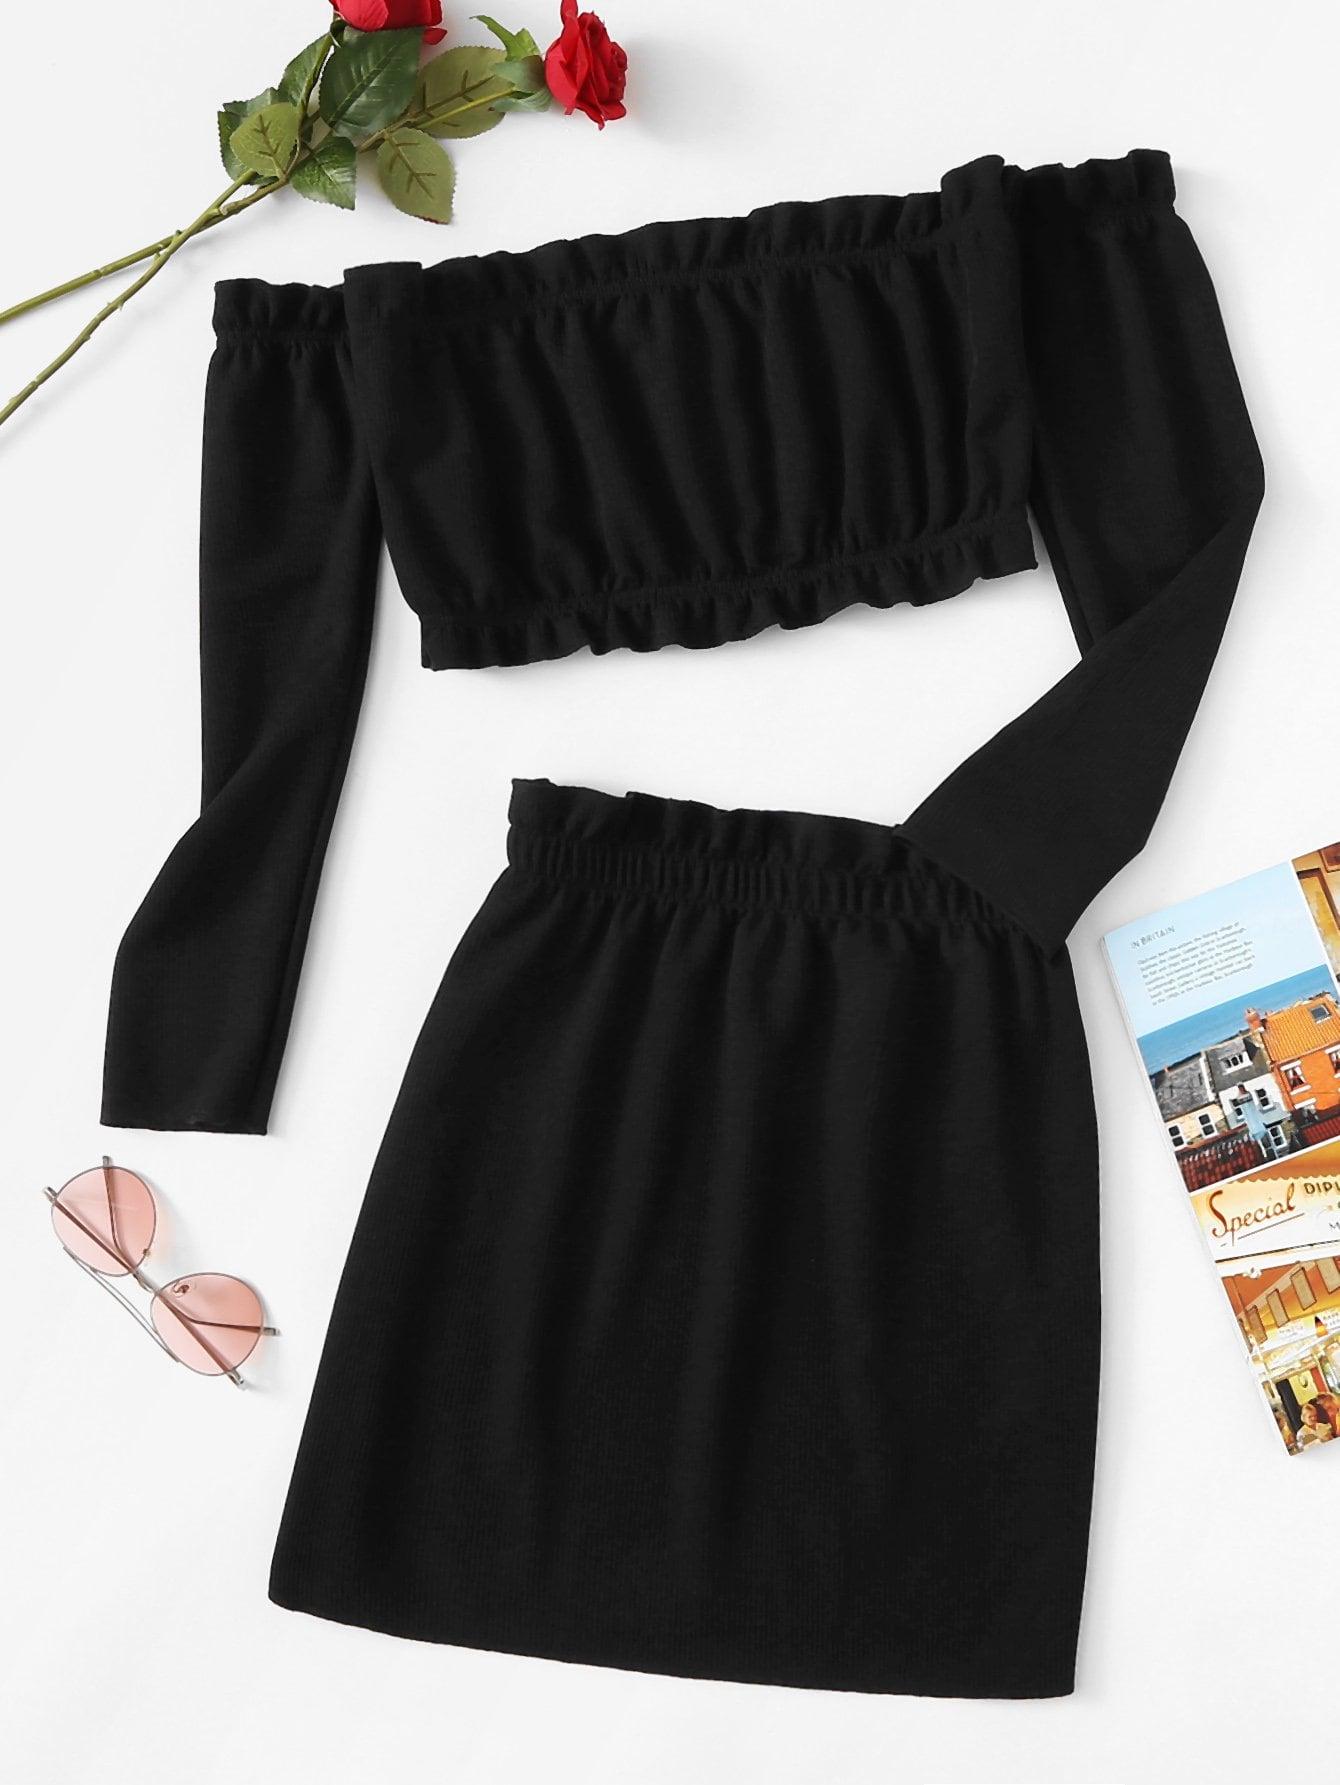 Купить Повседневный стиль Ровный цвет Оборка Черный Комплект, null, SheIn